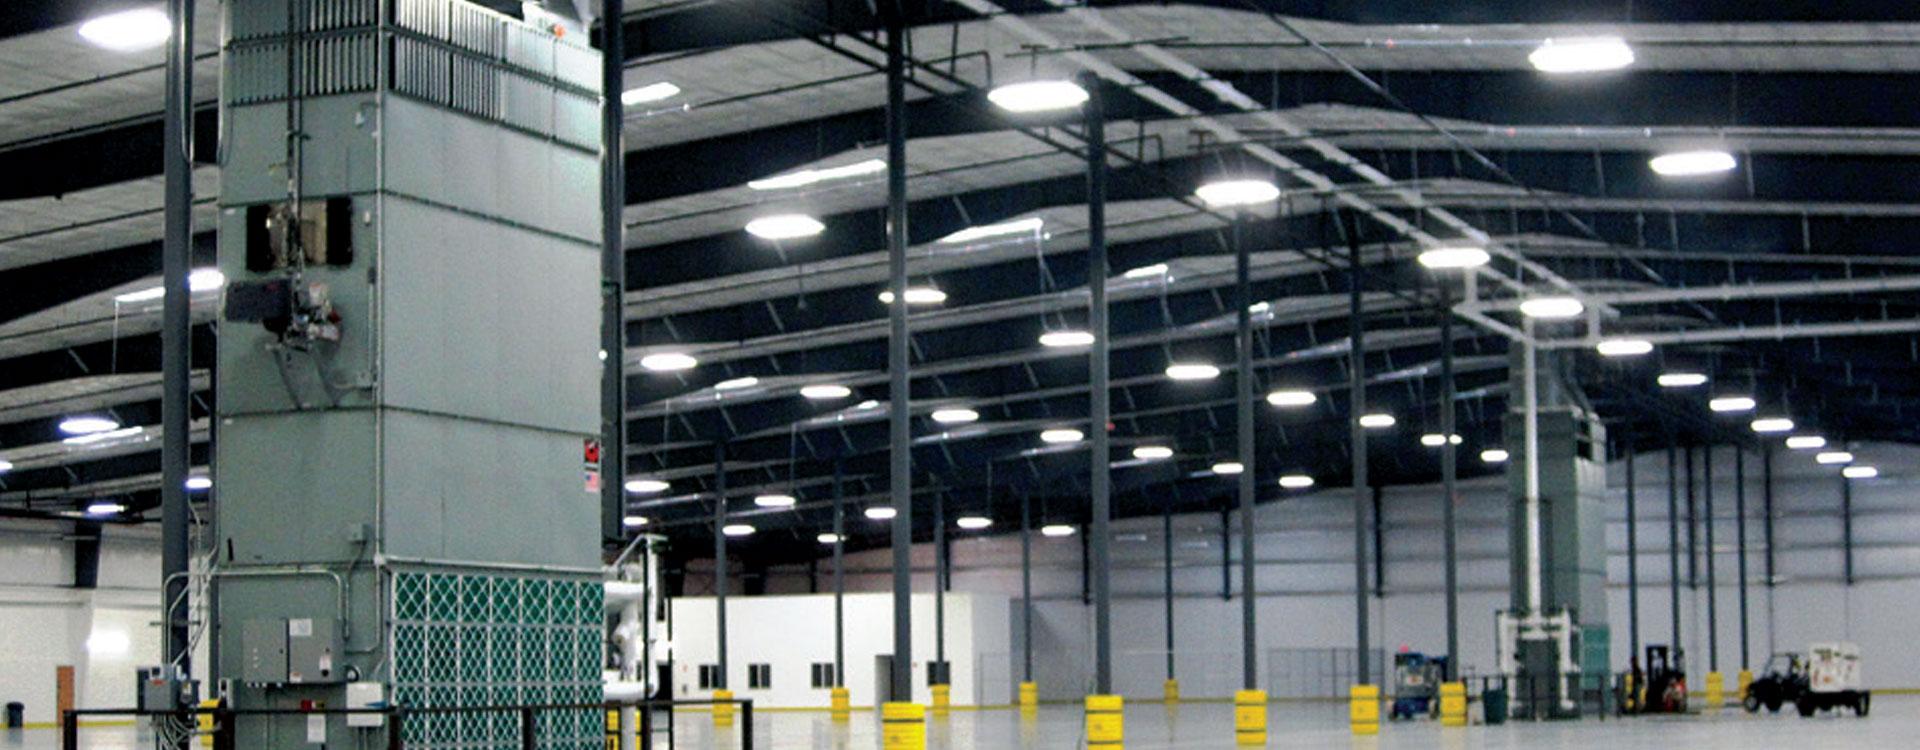 Robert M Hilberts Conshohocken Destratification Pa Conshohocken Warehouse Pa Conshohocken Distribution Center Pa